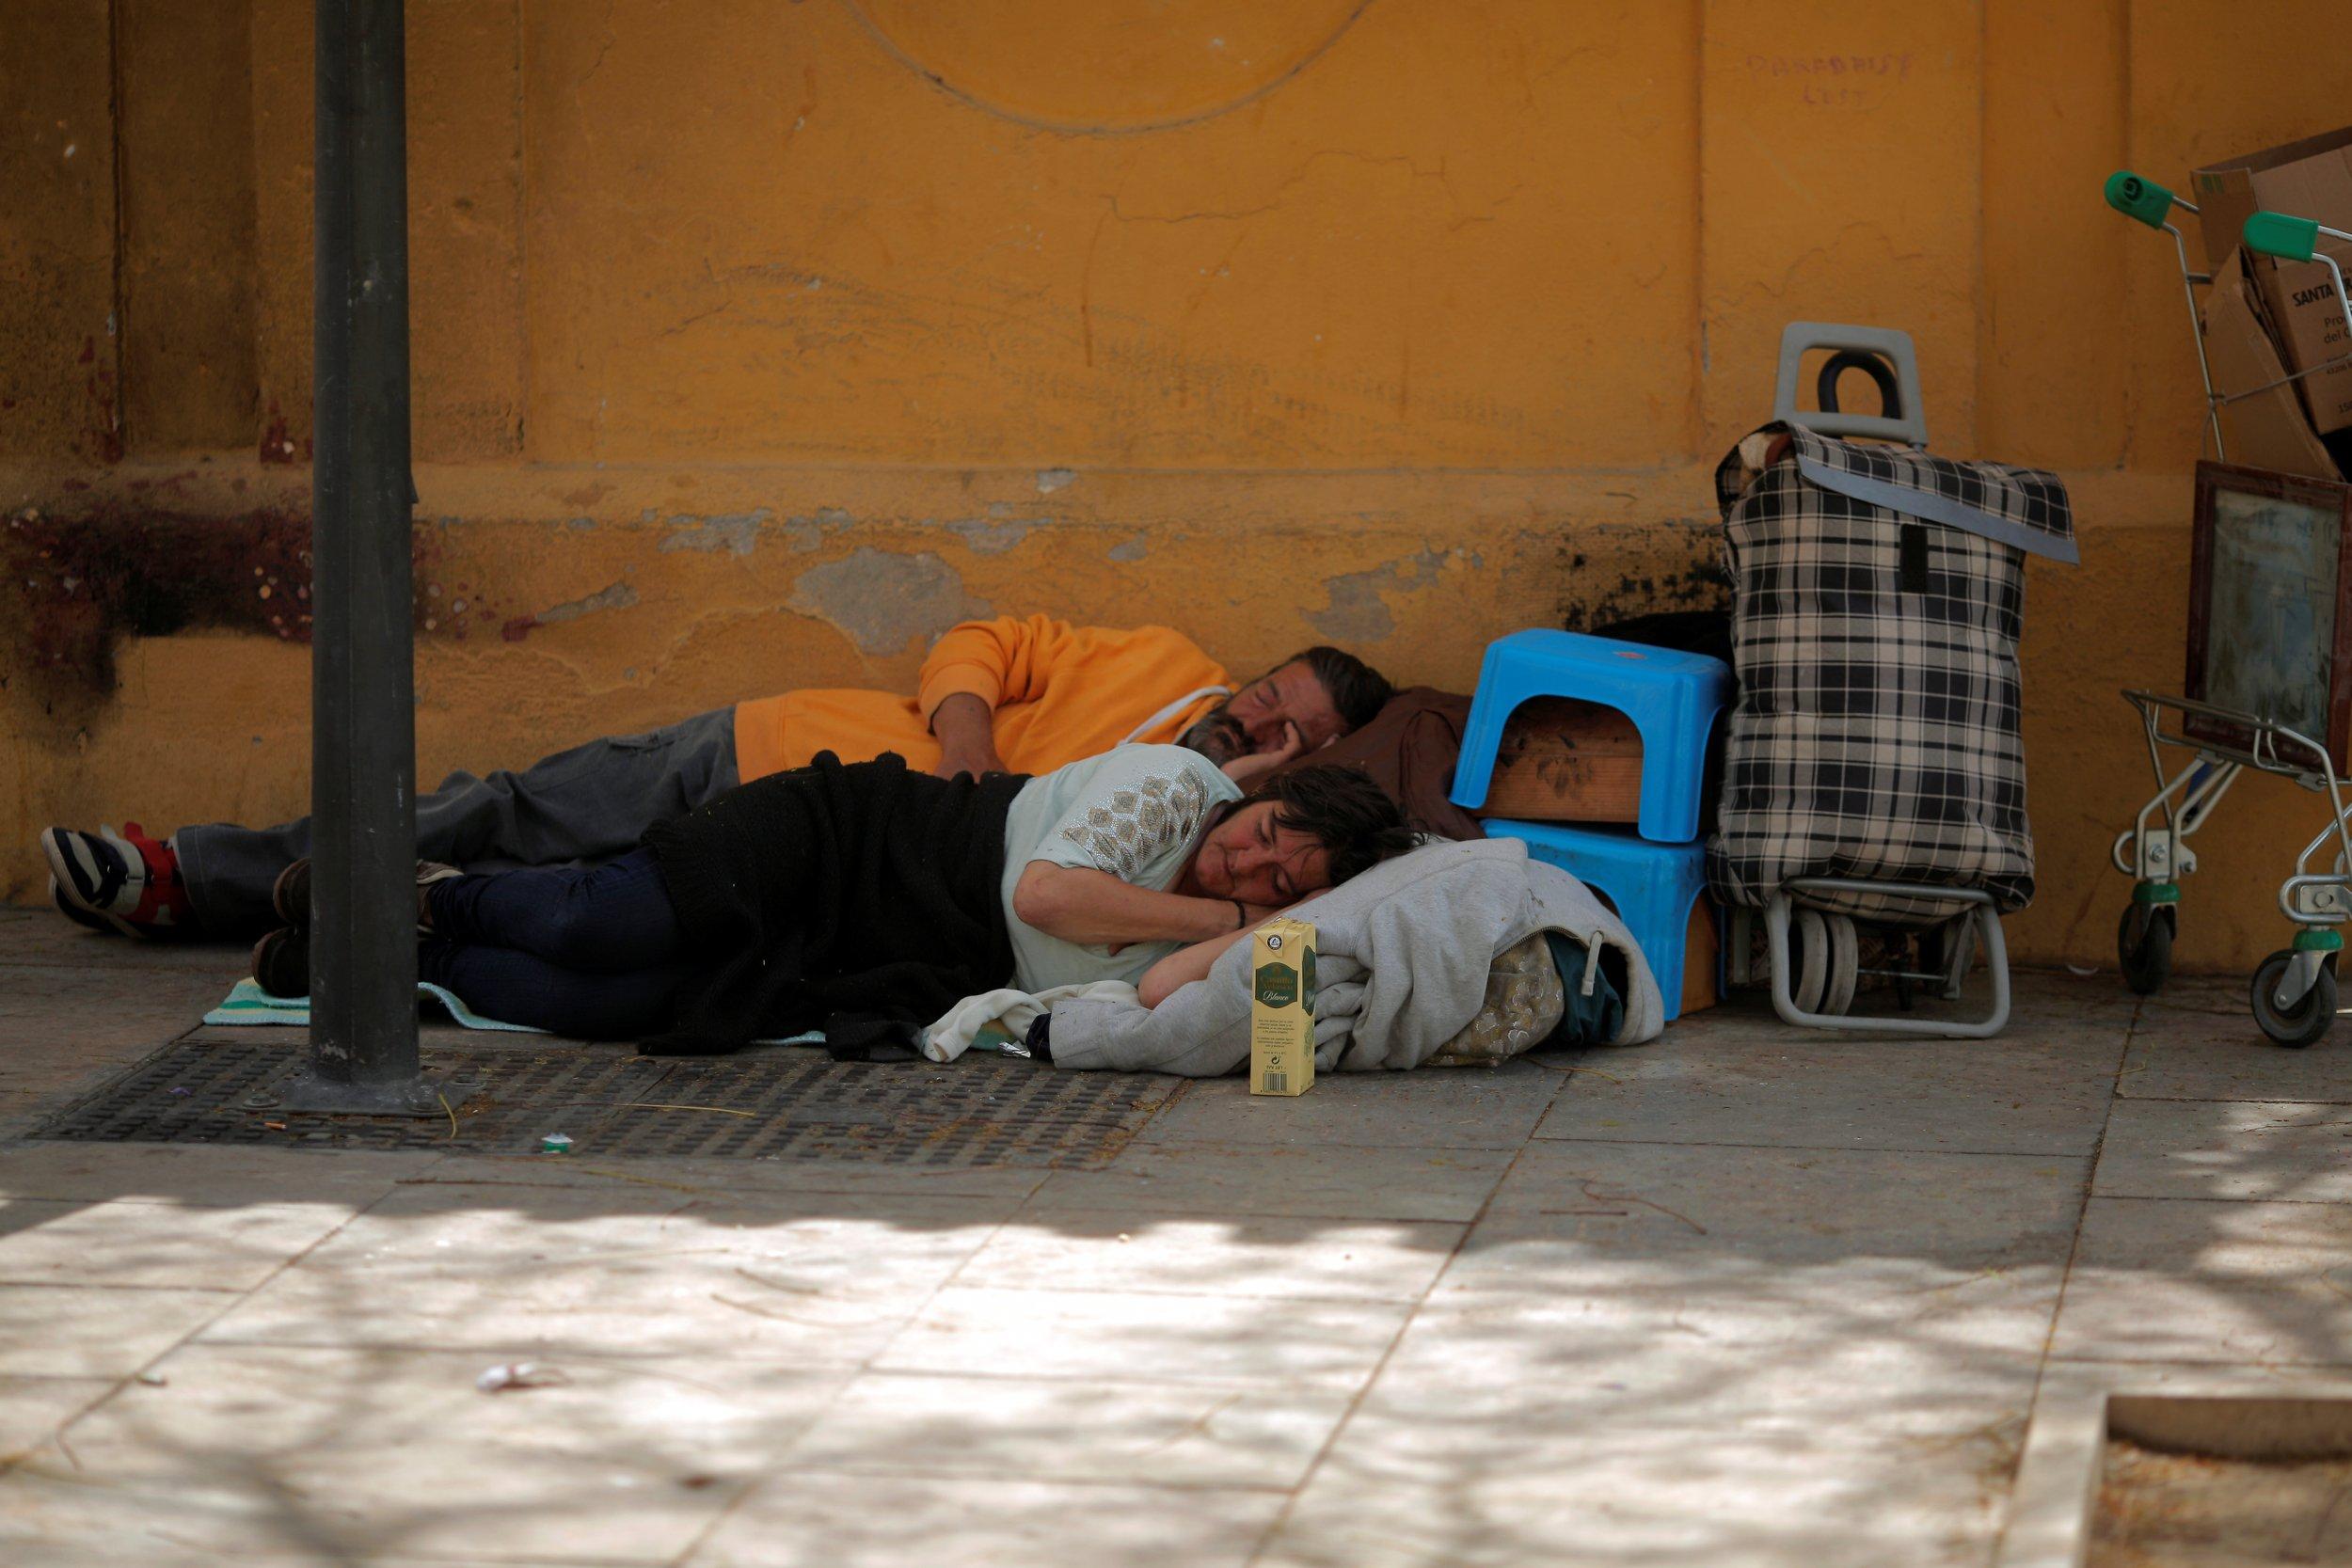 Homeless people in Malaga